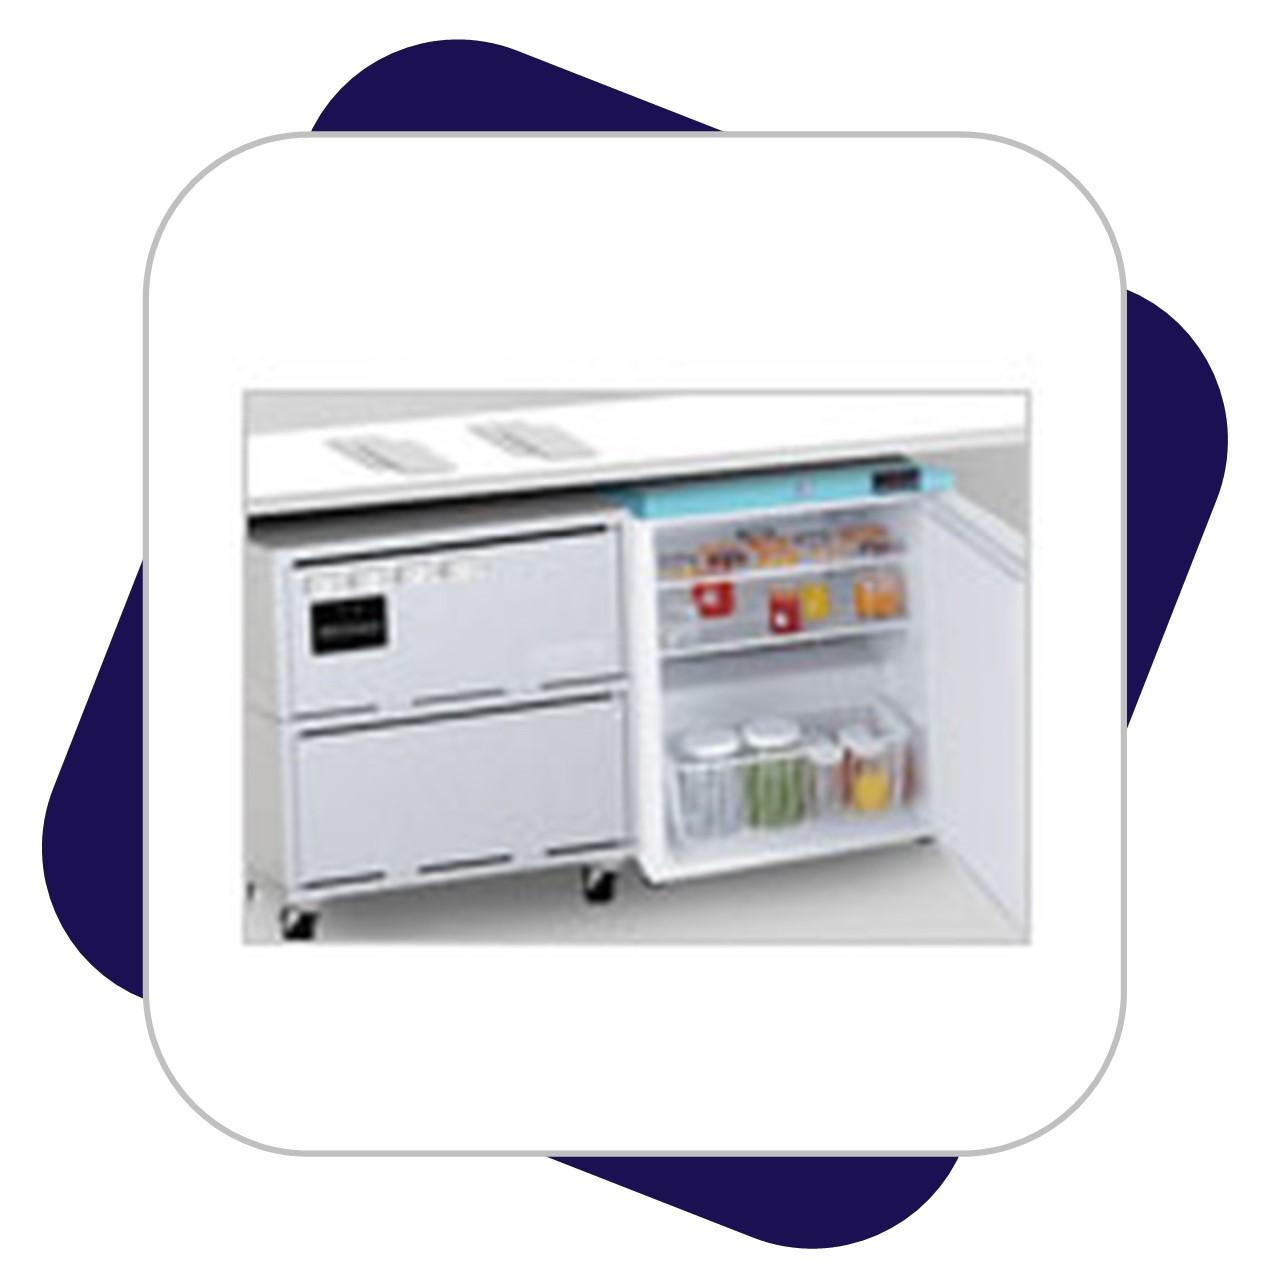 Mobile Refridgerator Battery Backup System.jpg